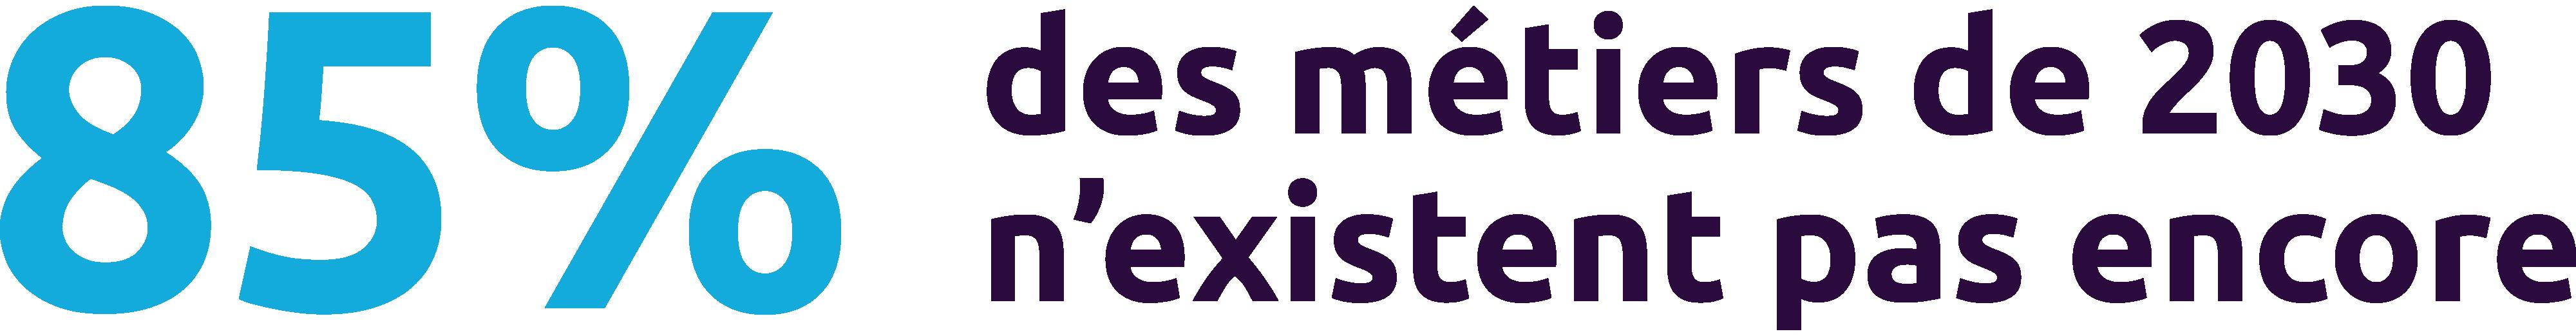 85_Métiers_Ecole_By_Capgemini